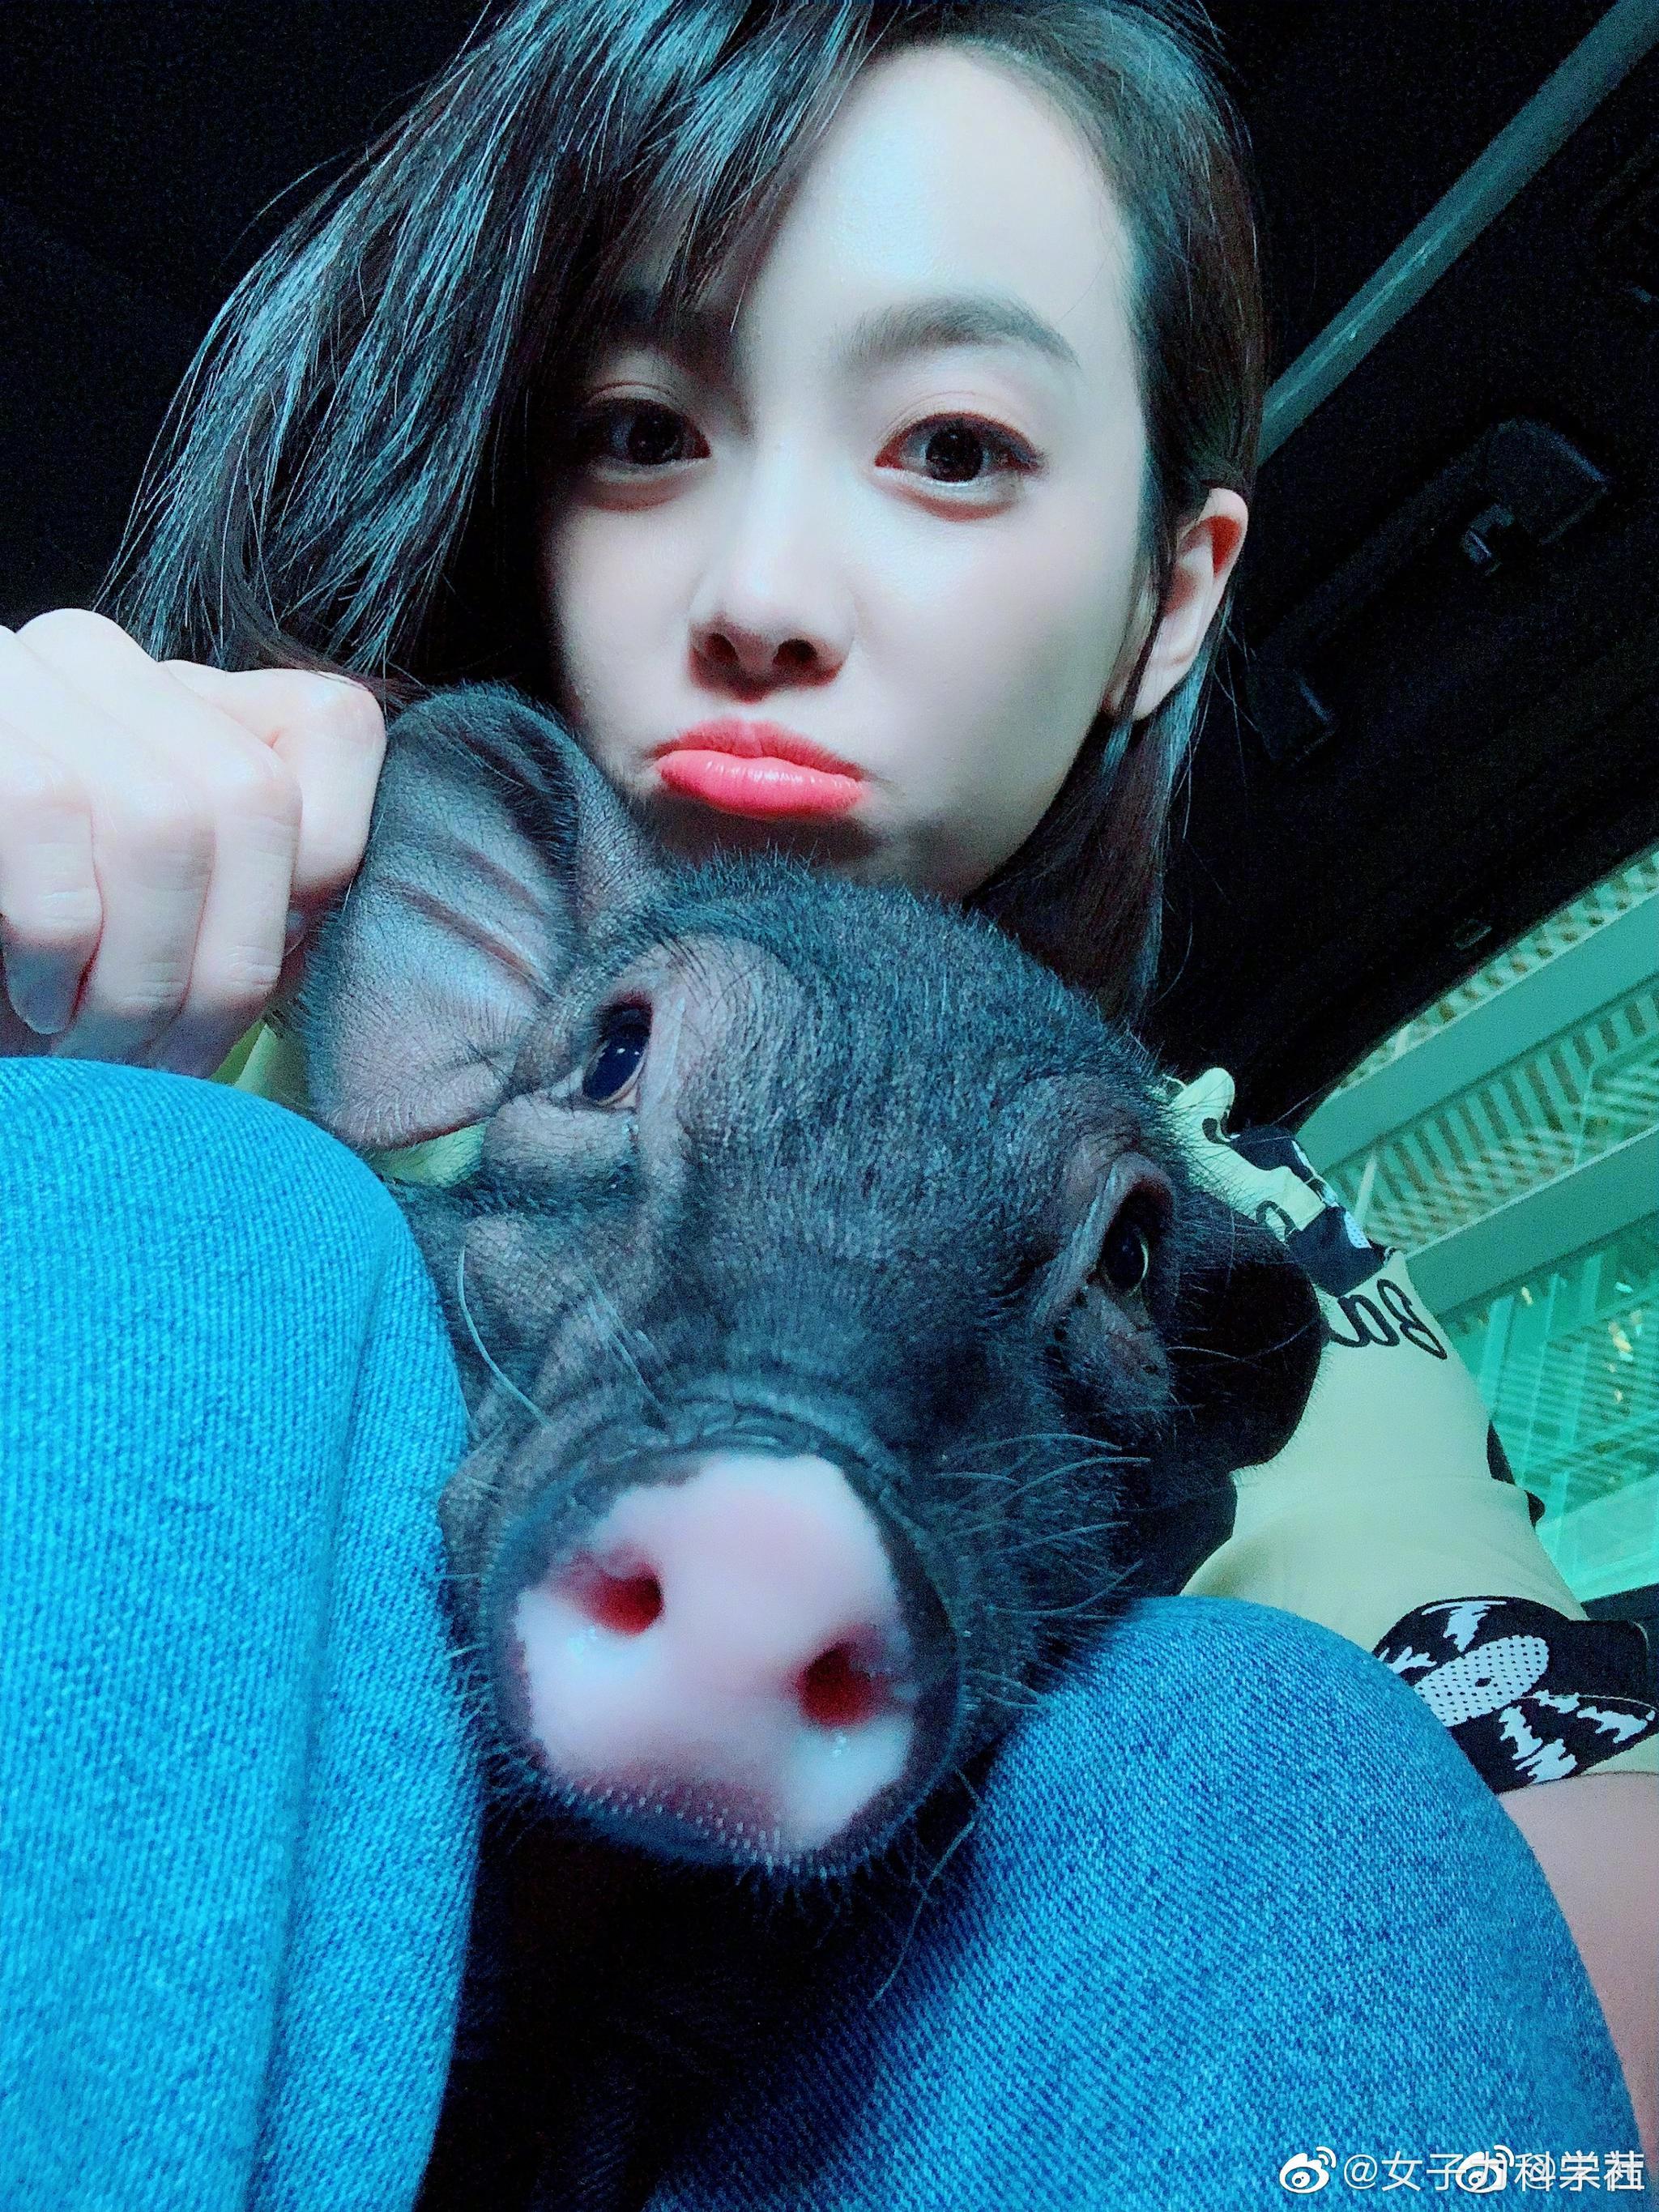 宋茜井柏然也养猪呀宠物新潮流